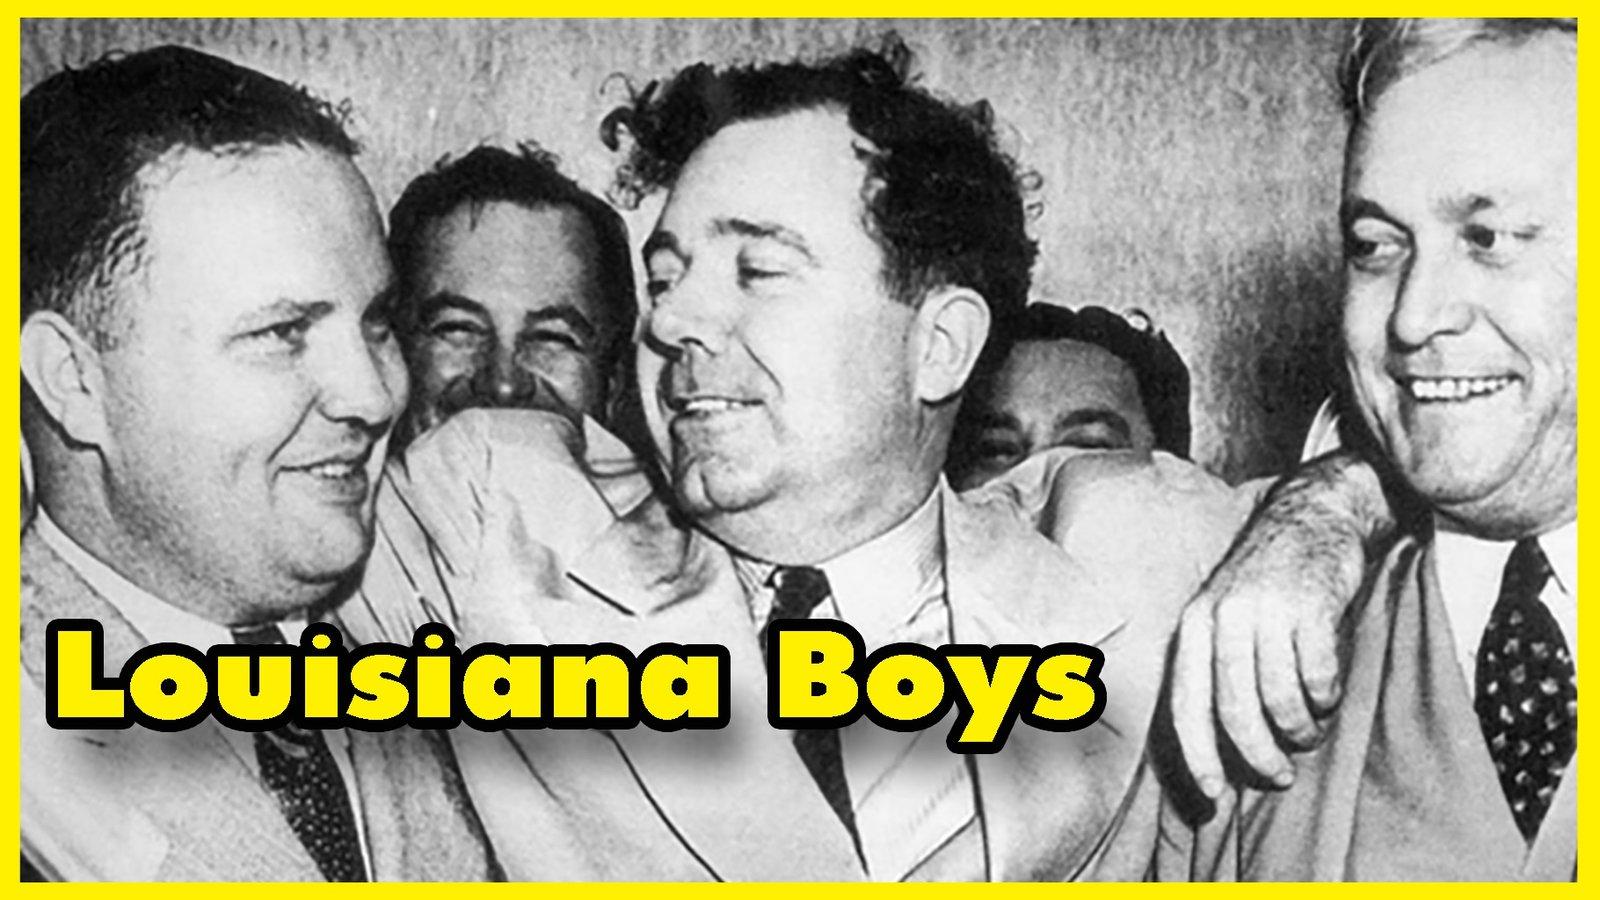 Louisiana Boys